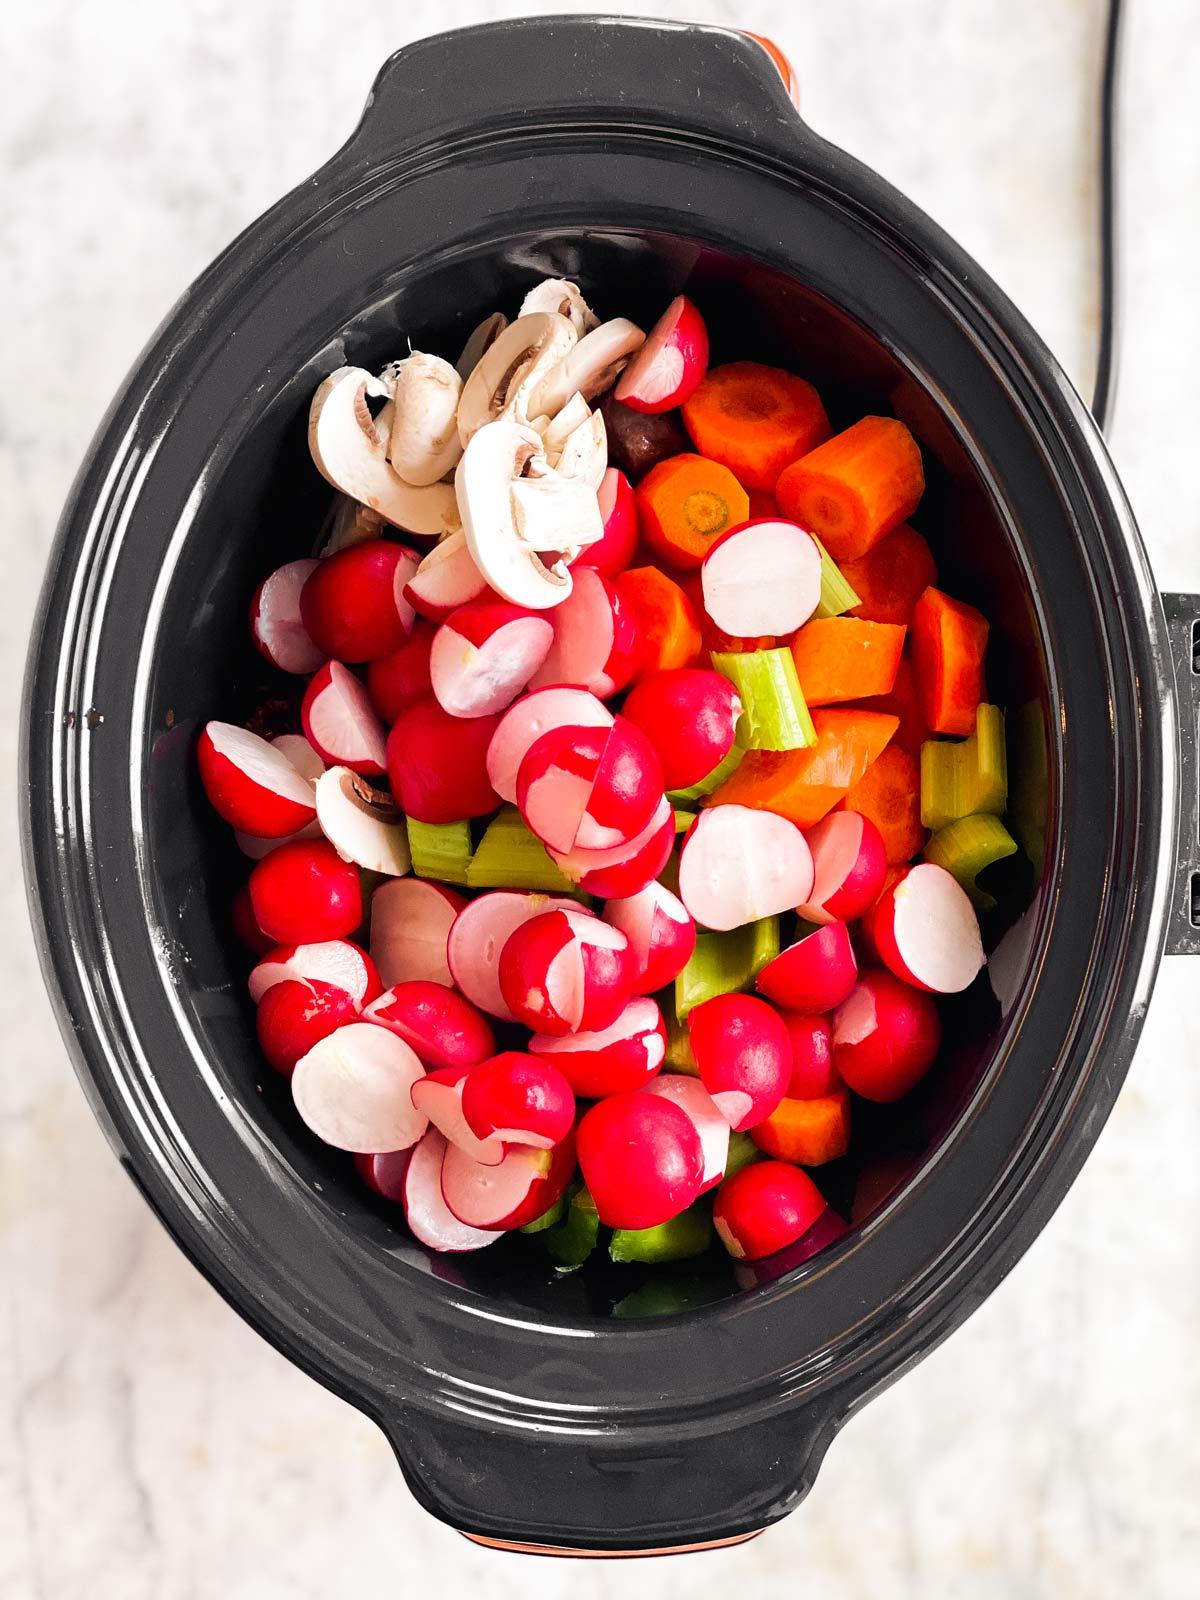 sliced vegetables in black slow cooker